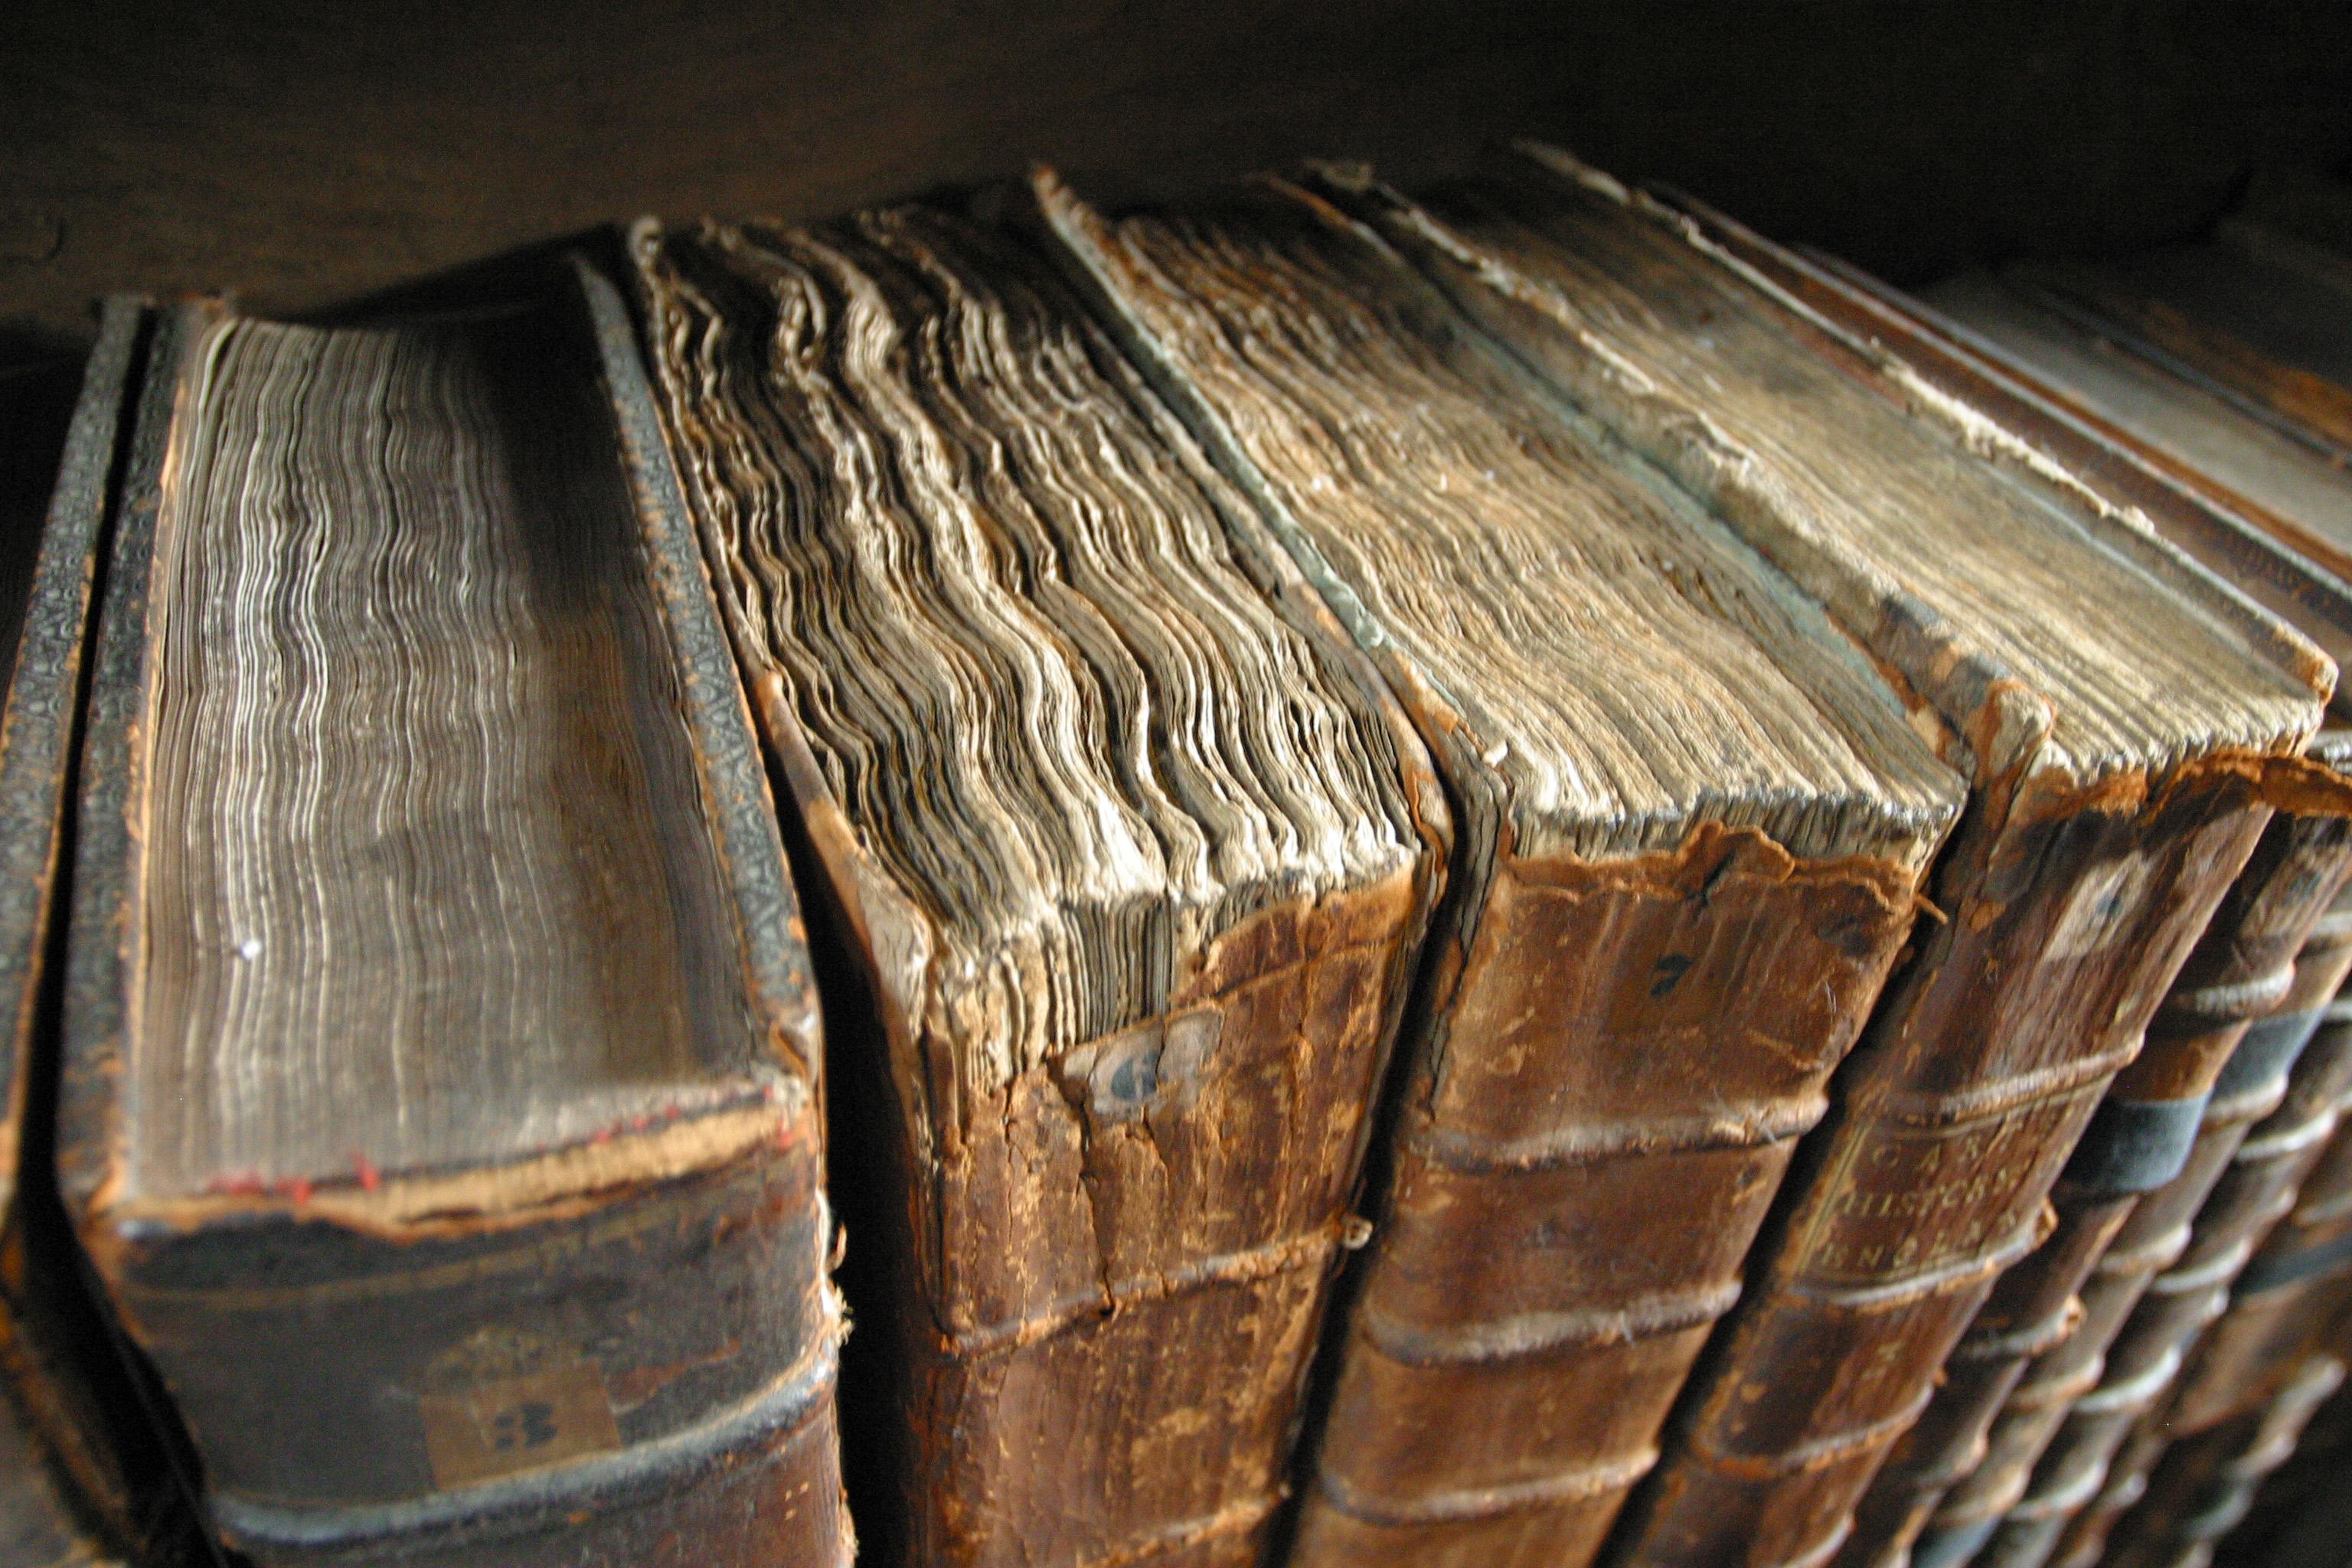 Traditionella kunskapssamlingar. Föga föränderliga. Foto: Tom Murphy VII, CC-BY-SA 3.0